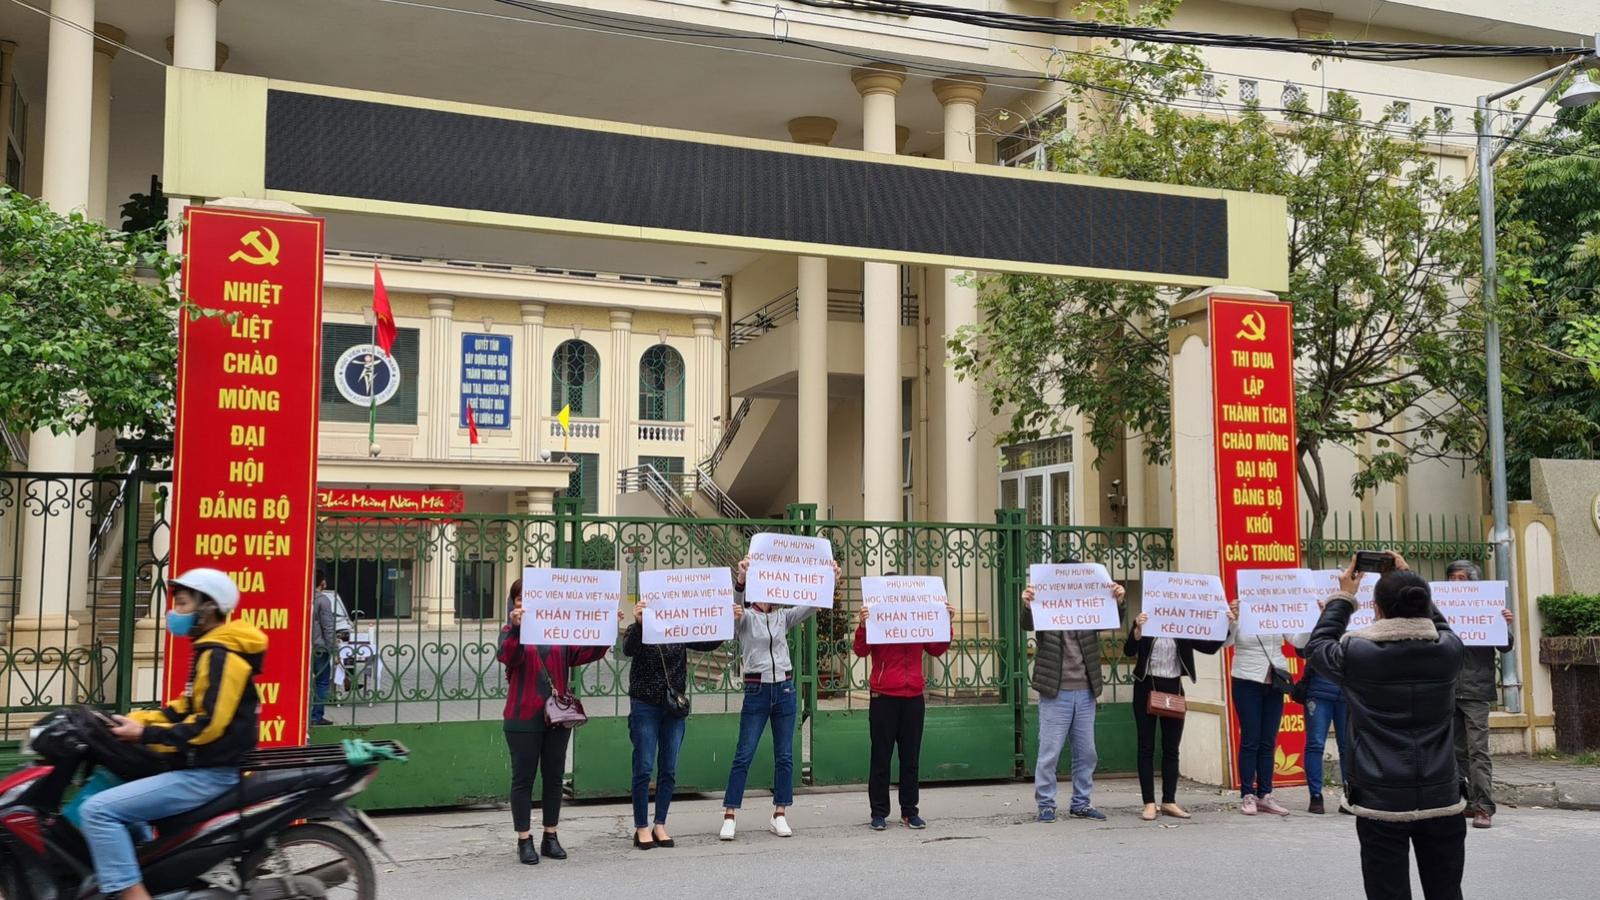 Tắc trách của Học viện Múa Việt Nam đẩy hơn 300 học sinh vào bế tắc